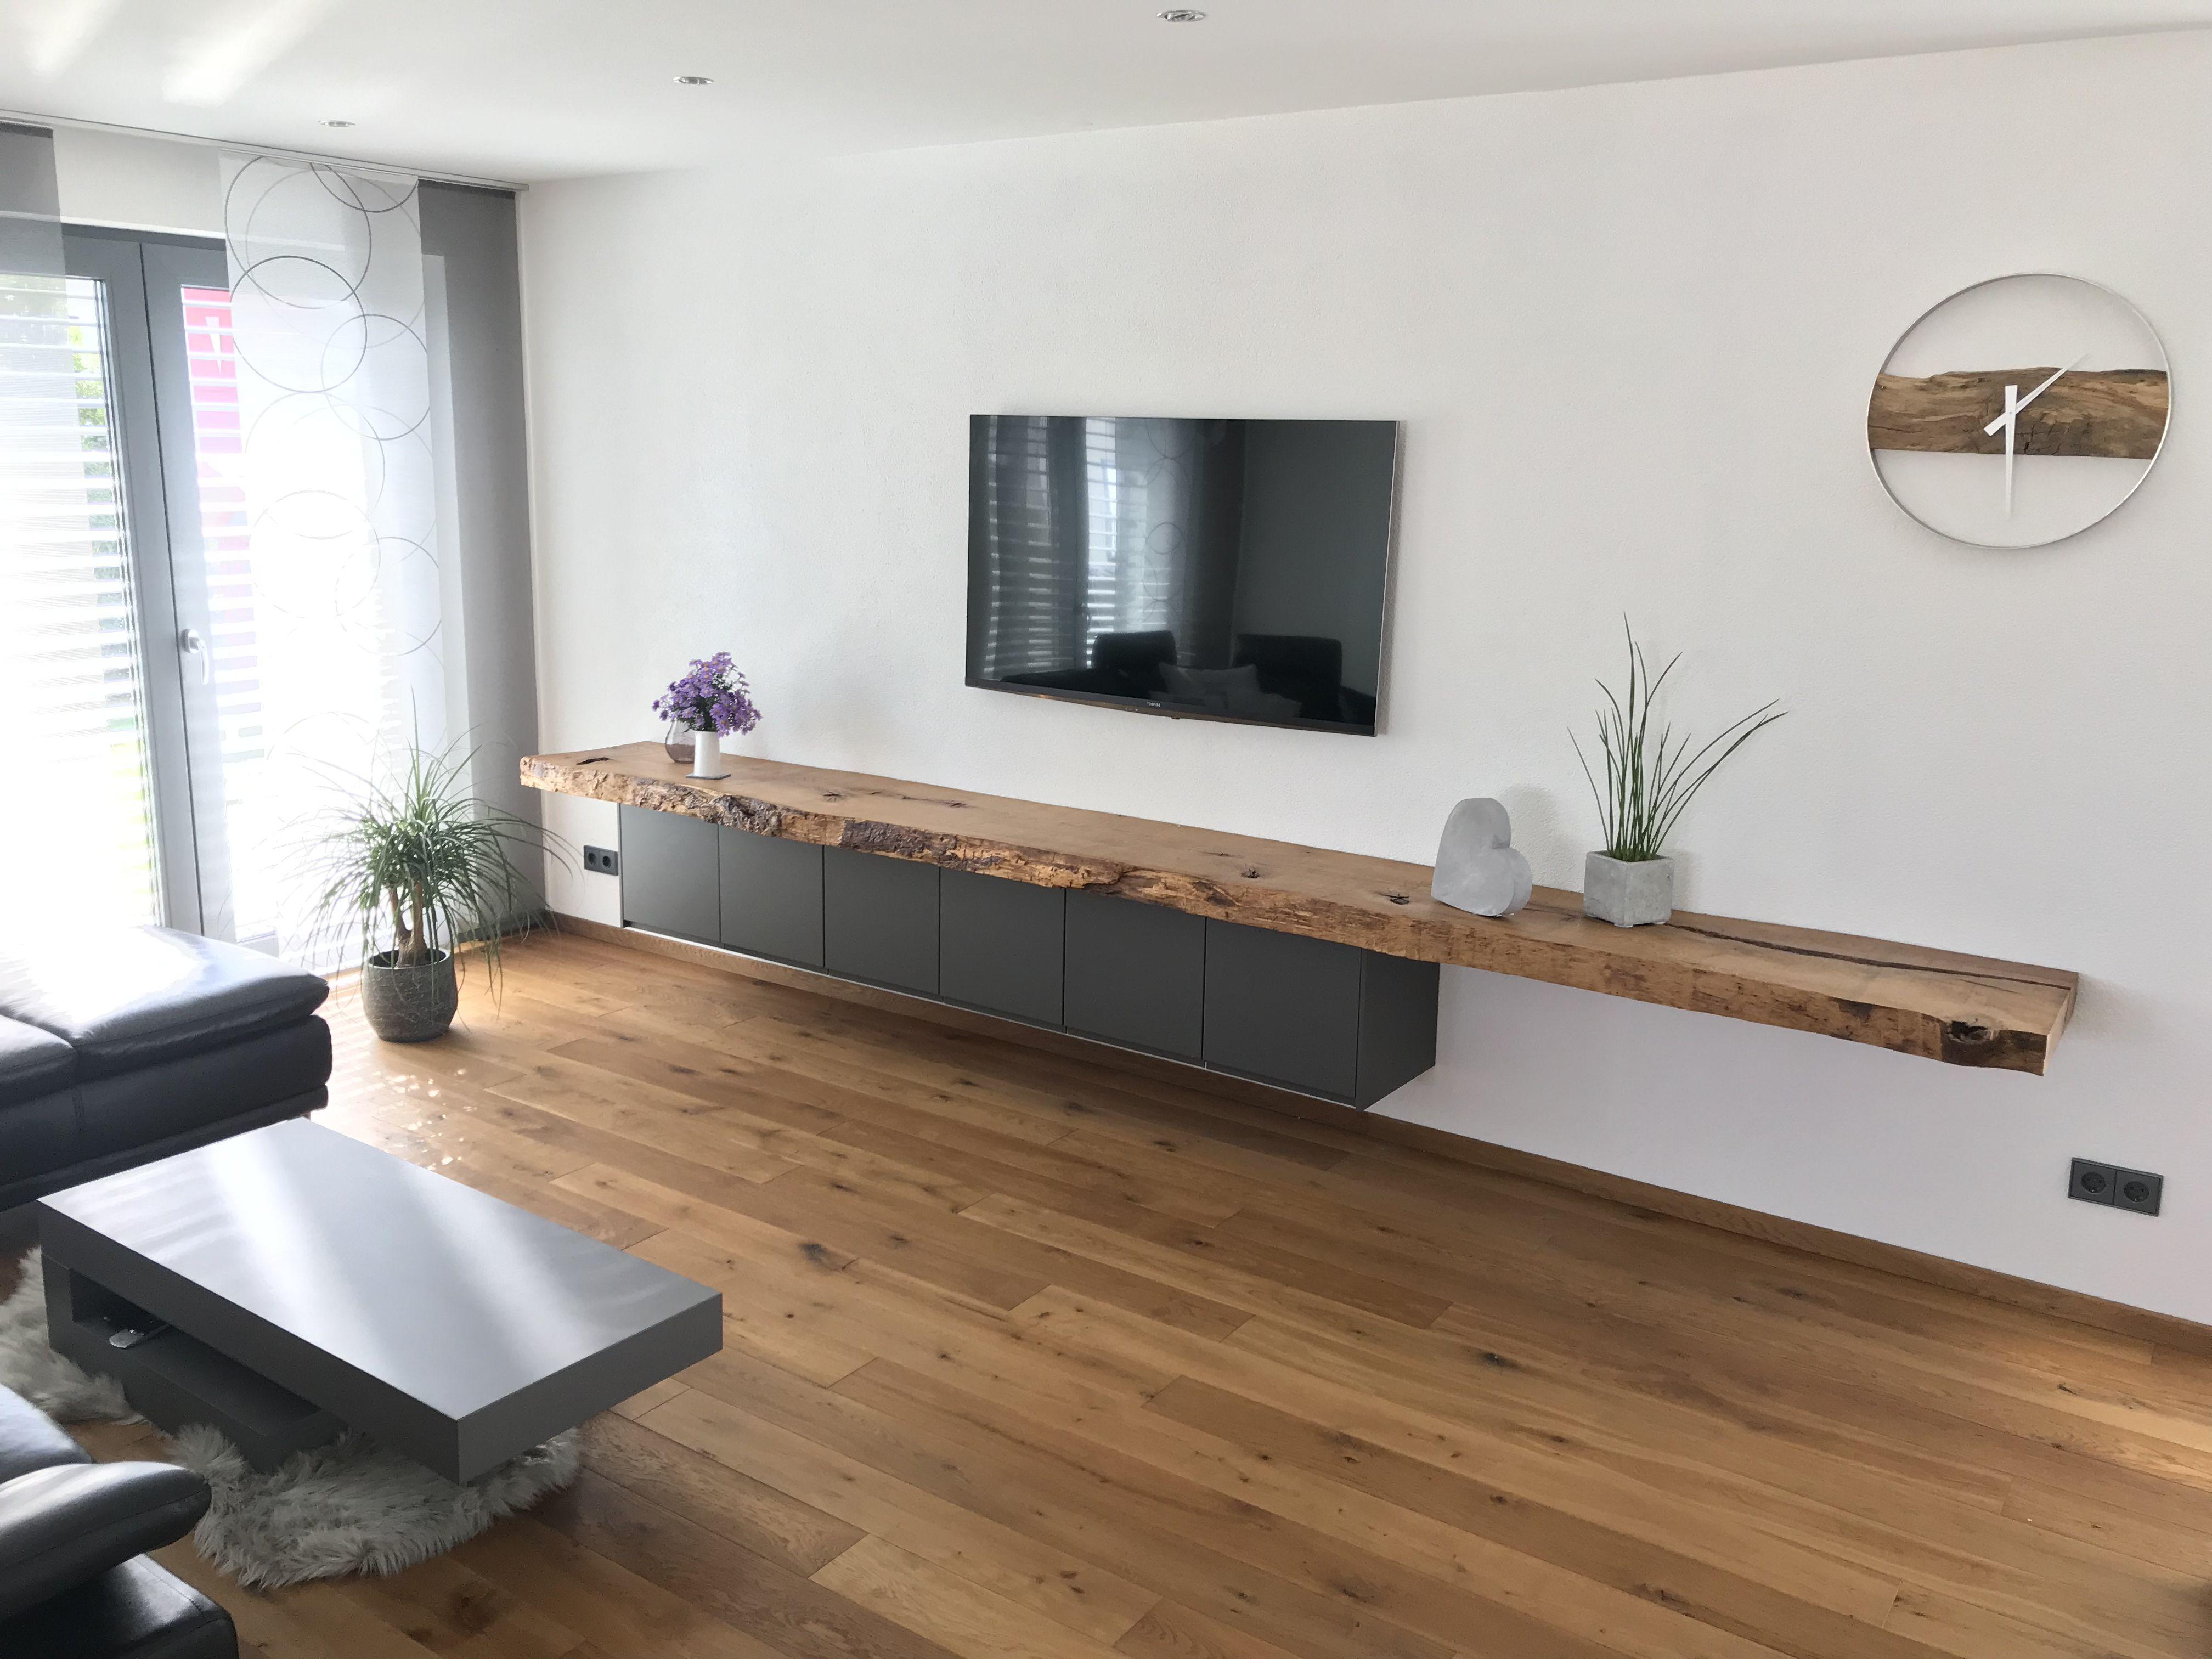 Betontisch Eichendiele Tv Board Wohnung Wohnzimmer Wohnzimmer Ideen Wohnung Wohnzimmer Einrichten